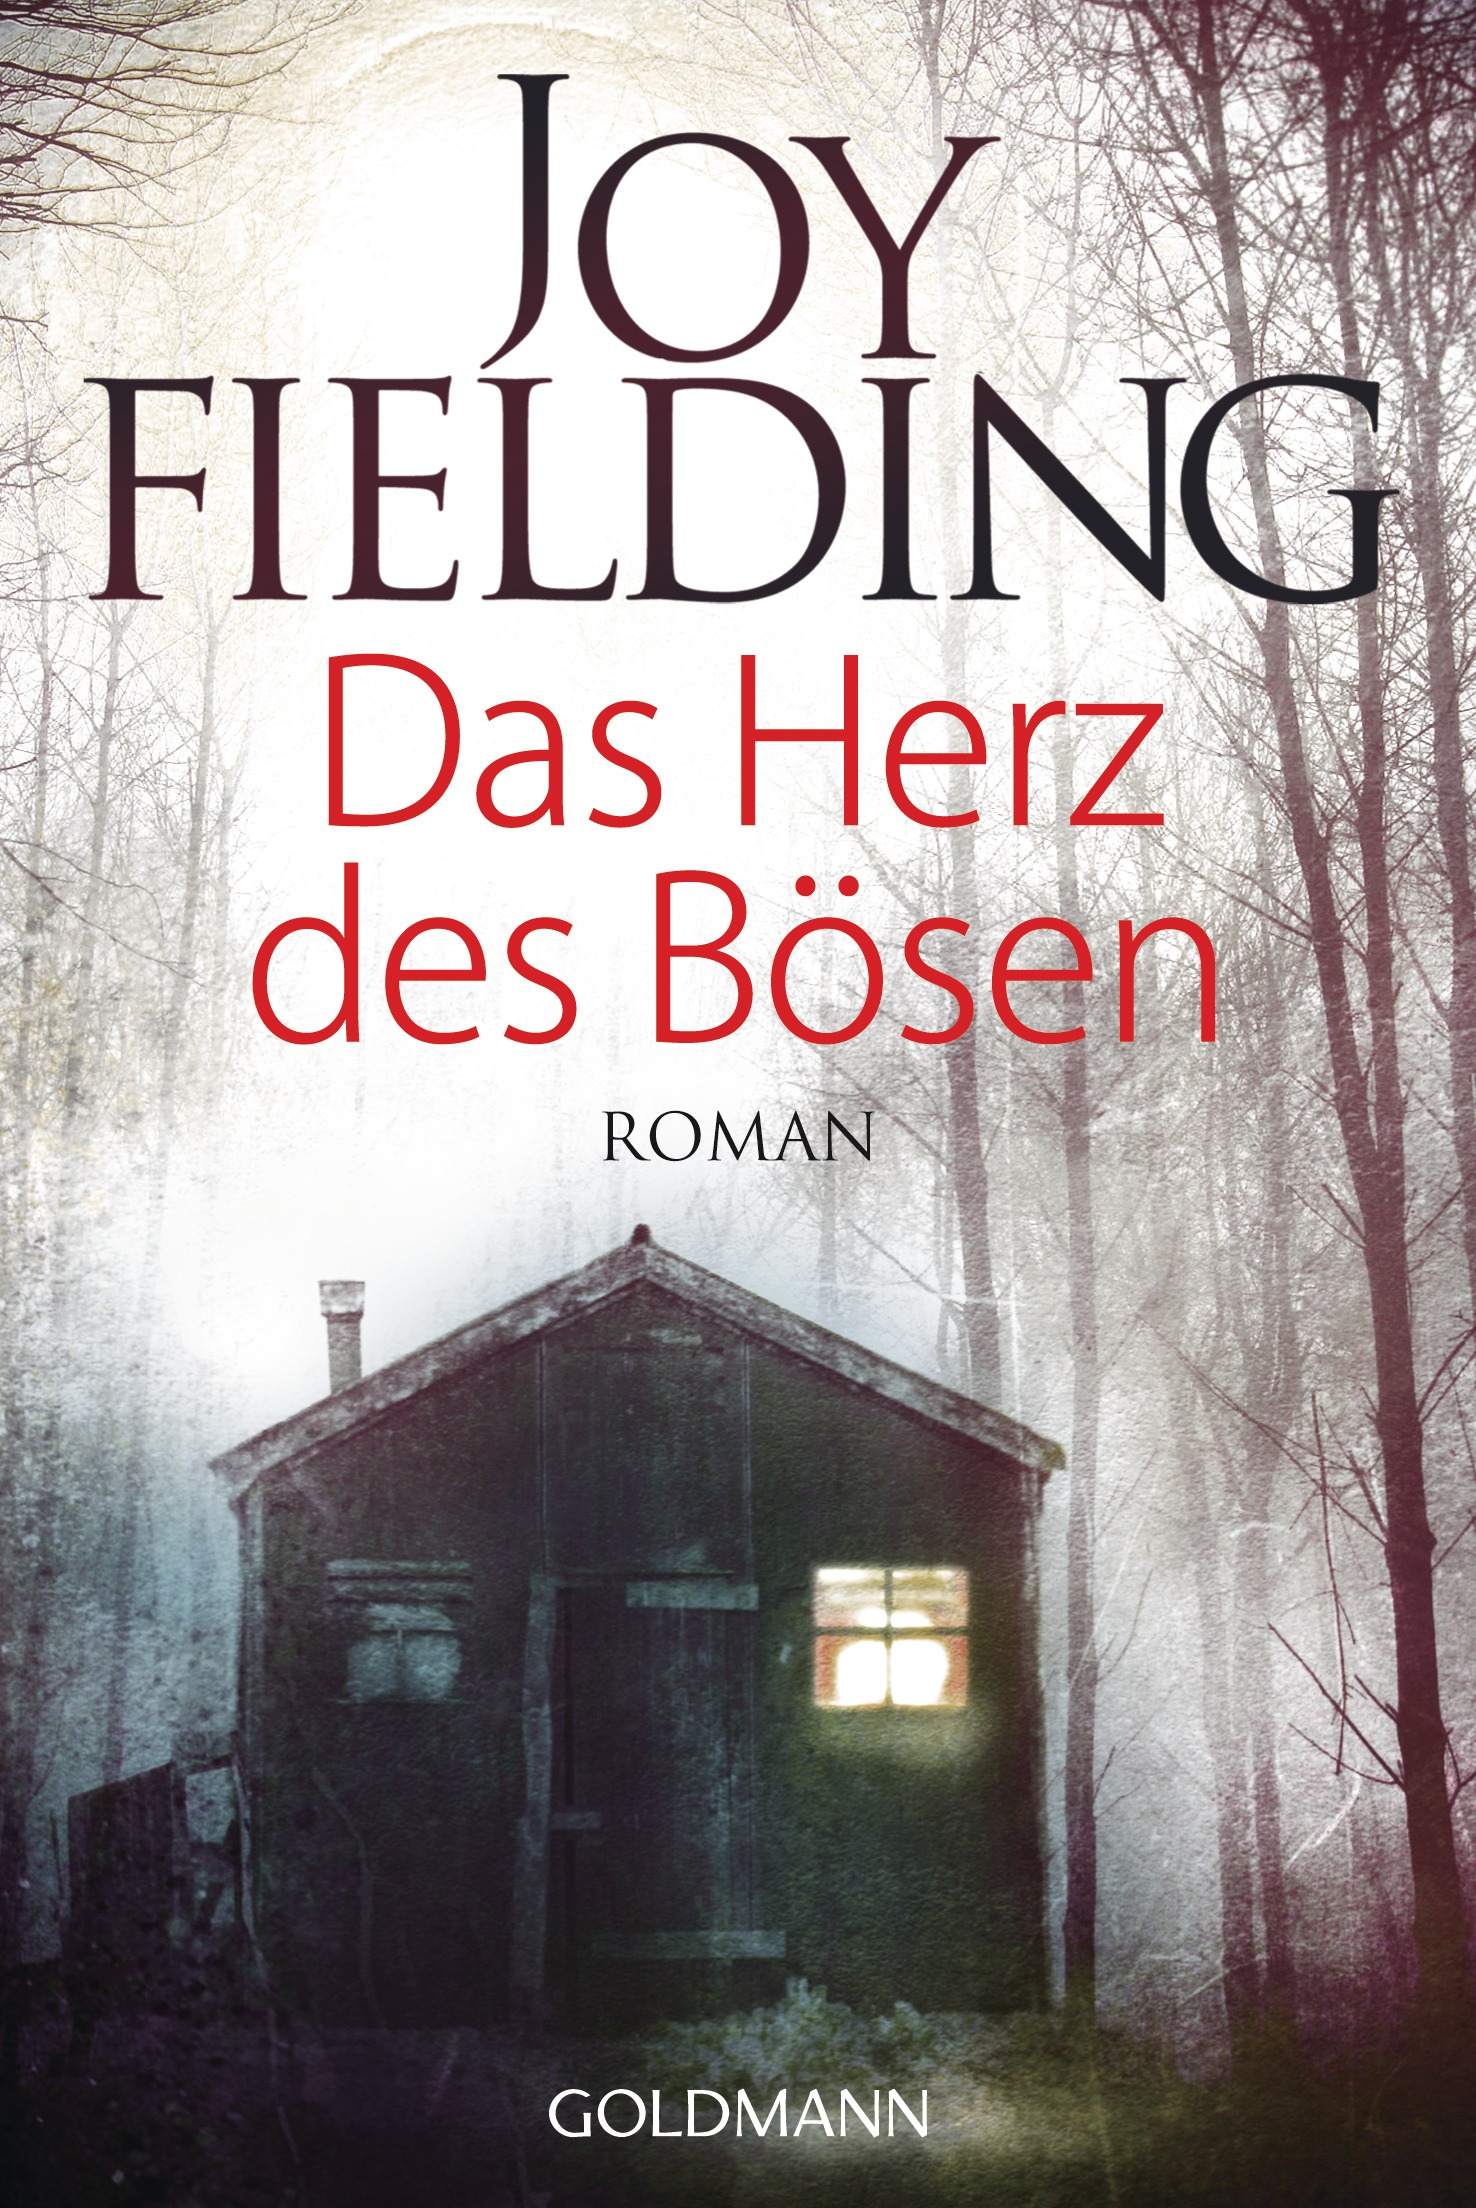 Das Herz des Bösen - Joy Fielding